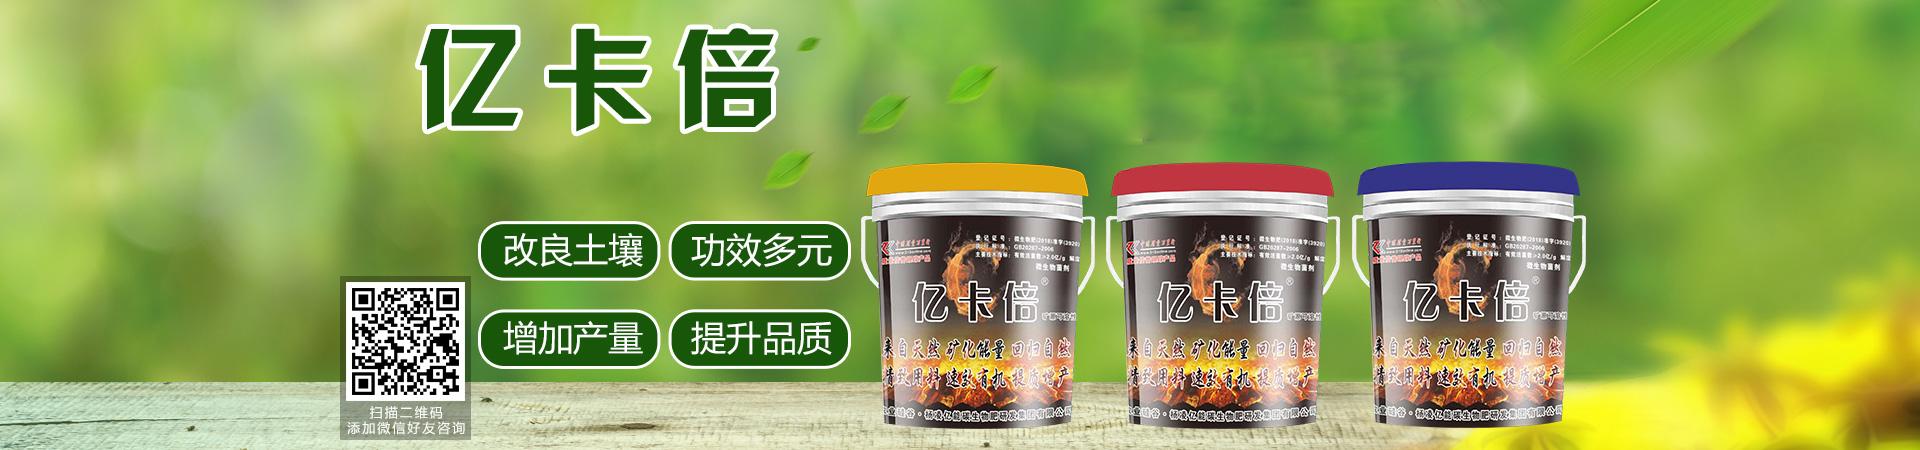 杨凌亿能碳生物肥研发集团有限公司